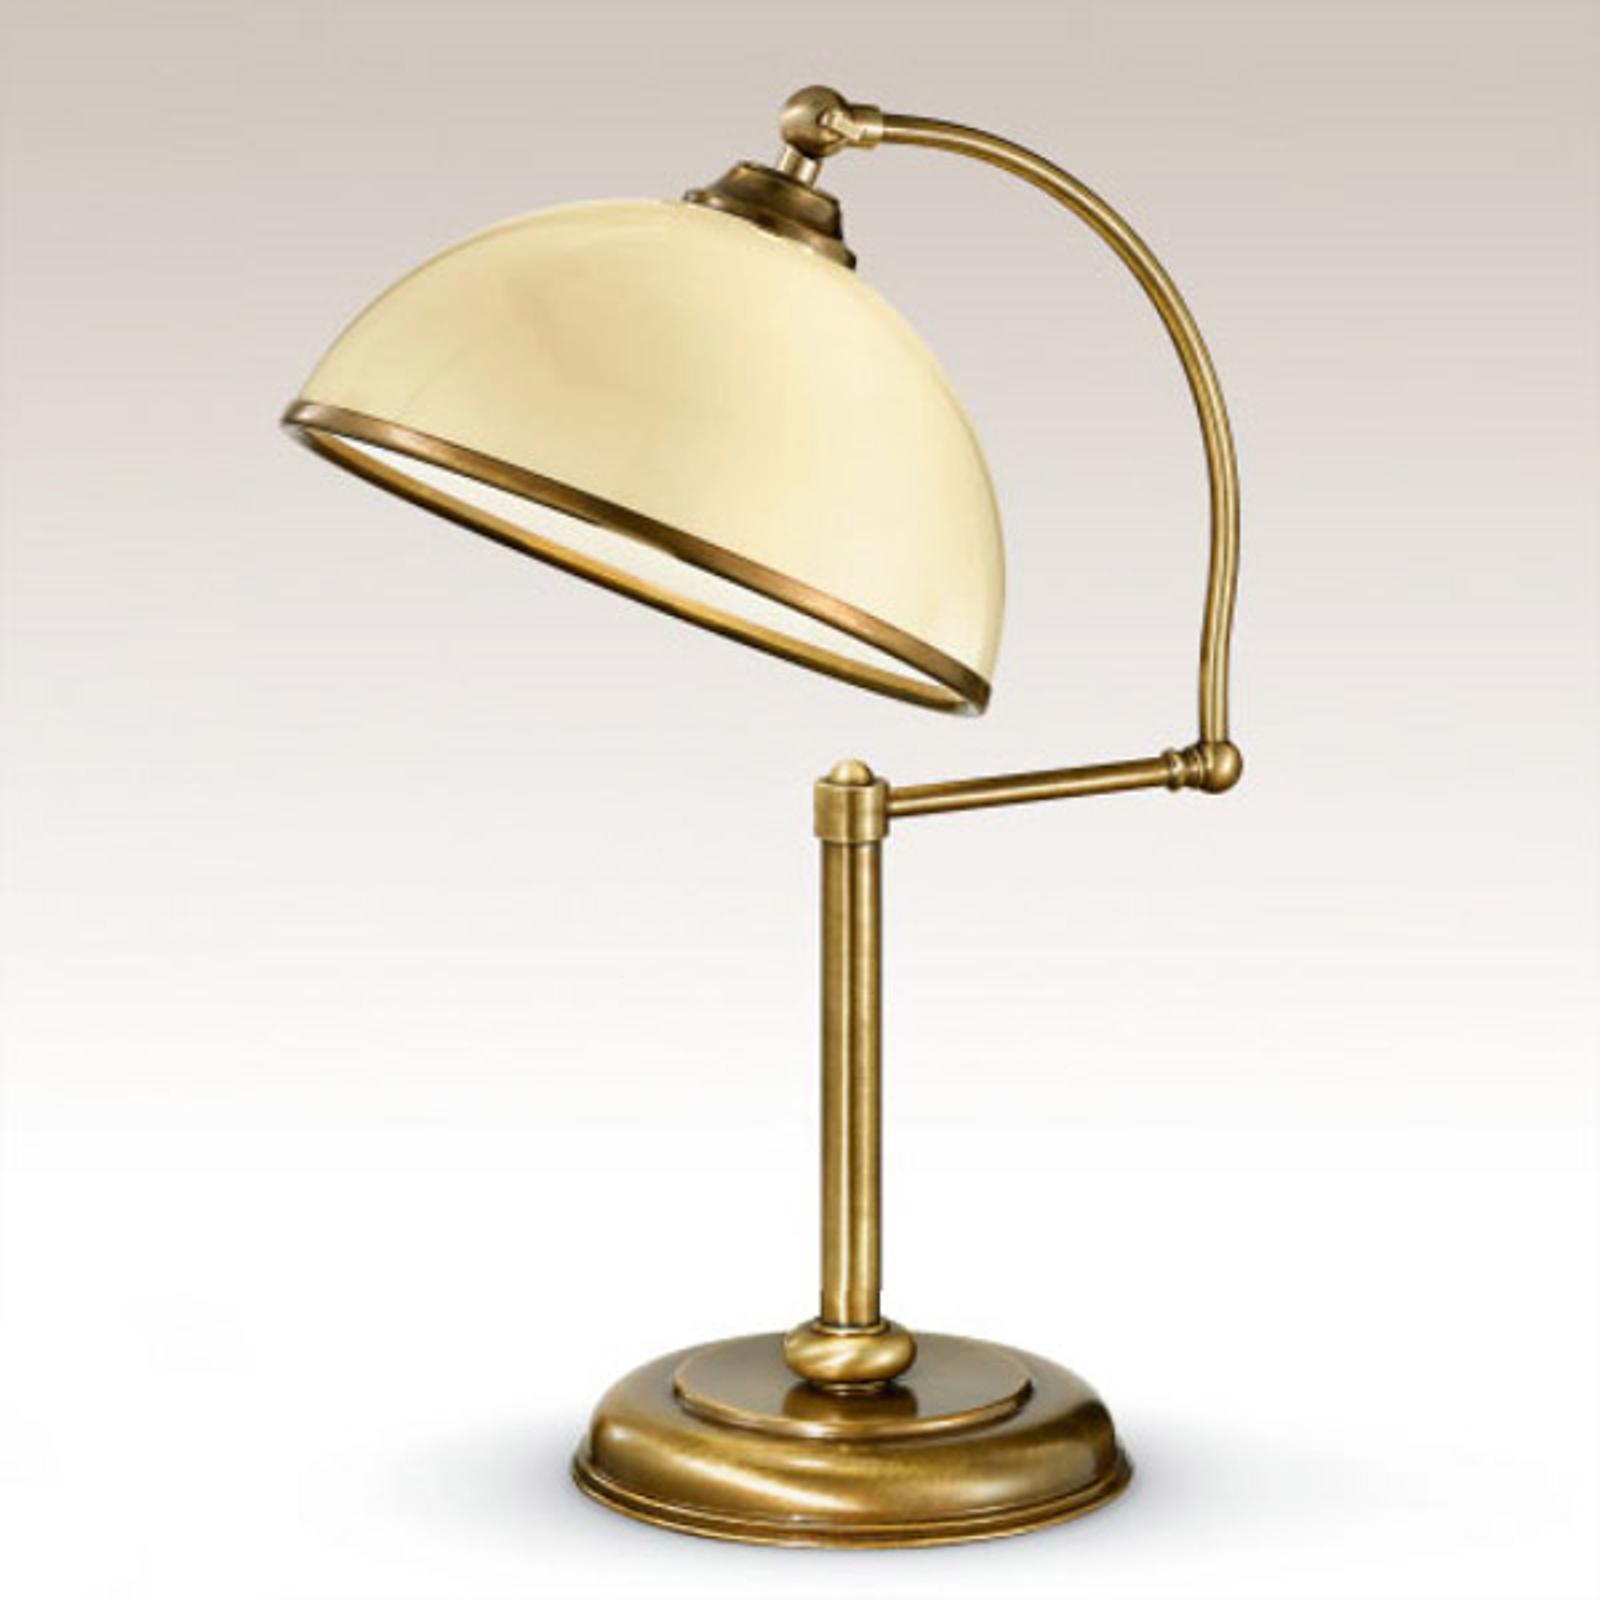 Nastavitelná stolní lampa La Botte slonovina